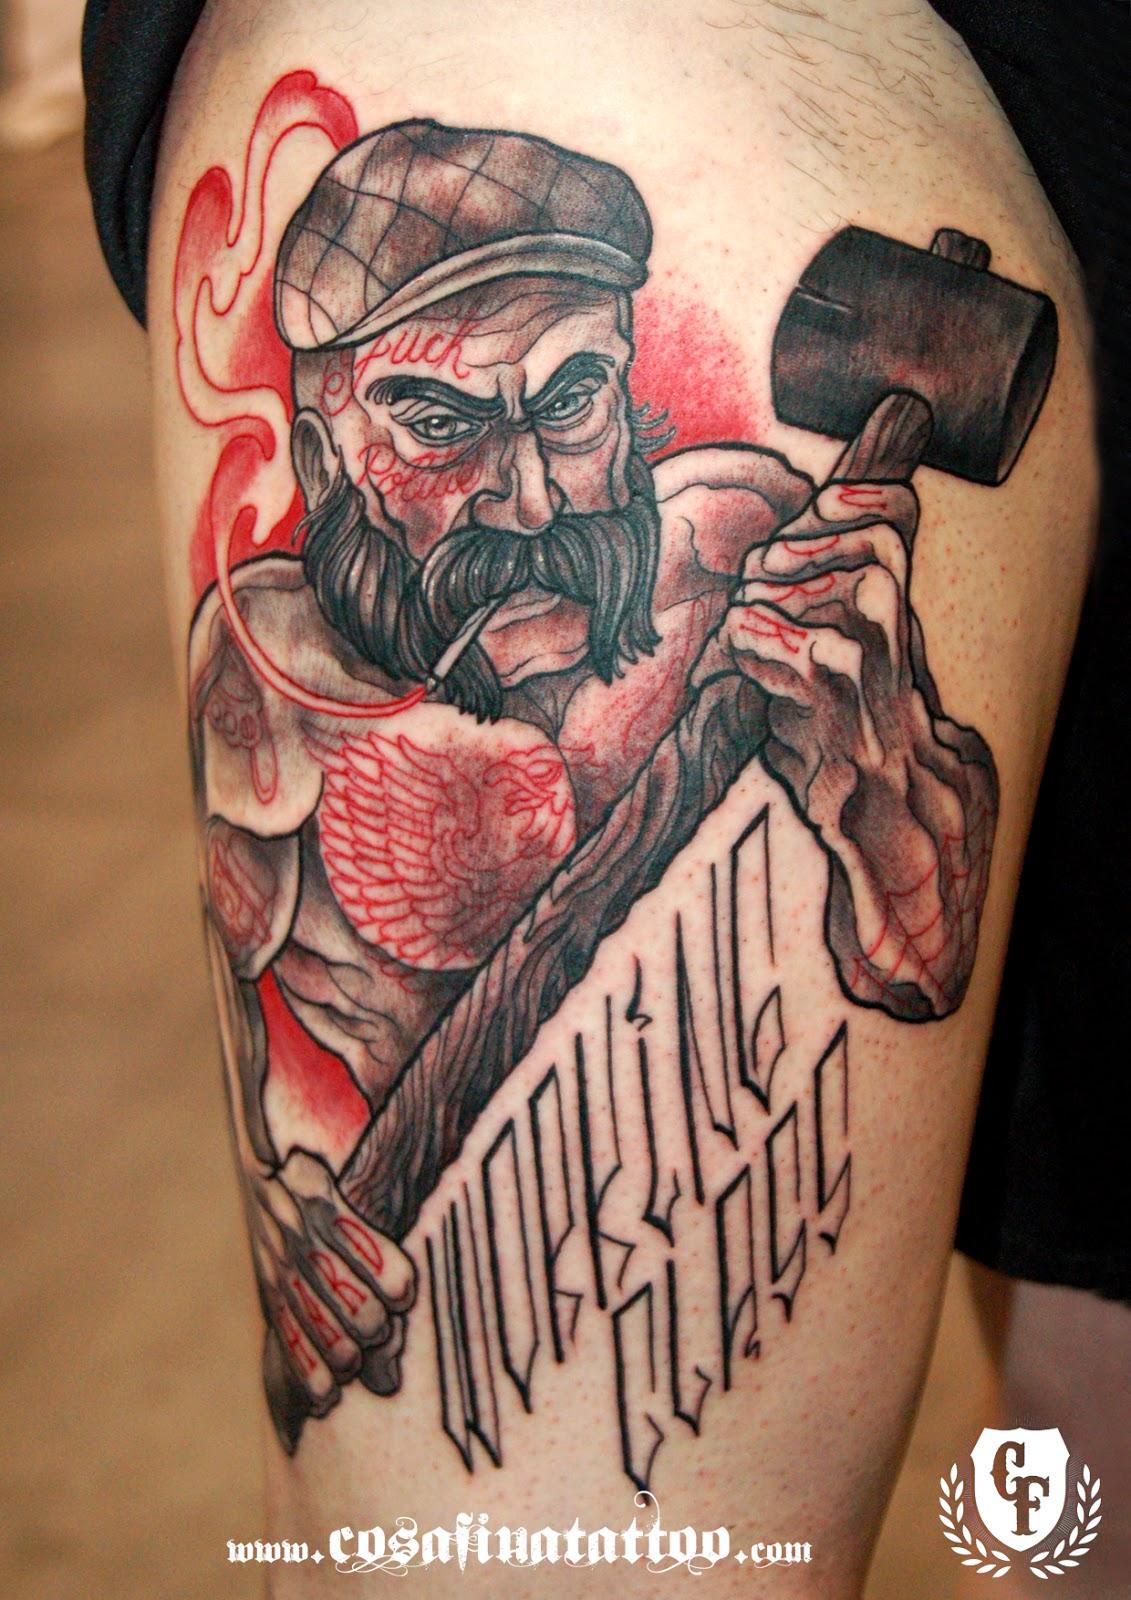 Cosafina tattoo carlos art studio tatuaje reotradicional for Working man tattoo